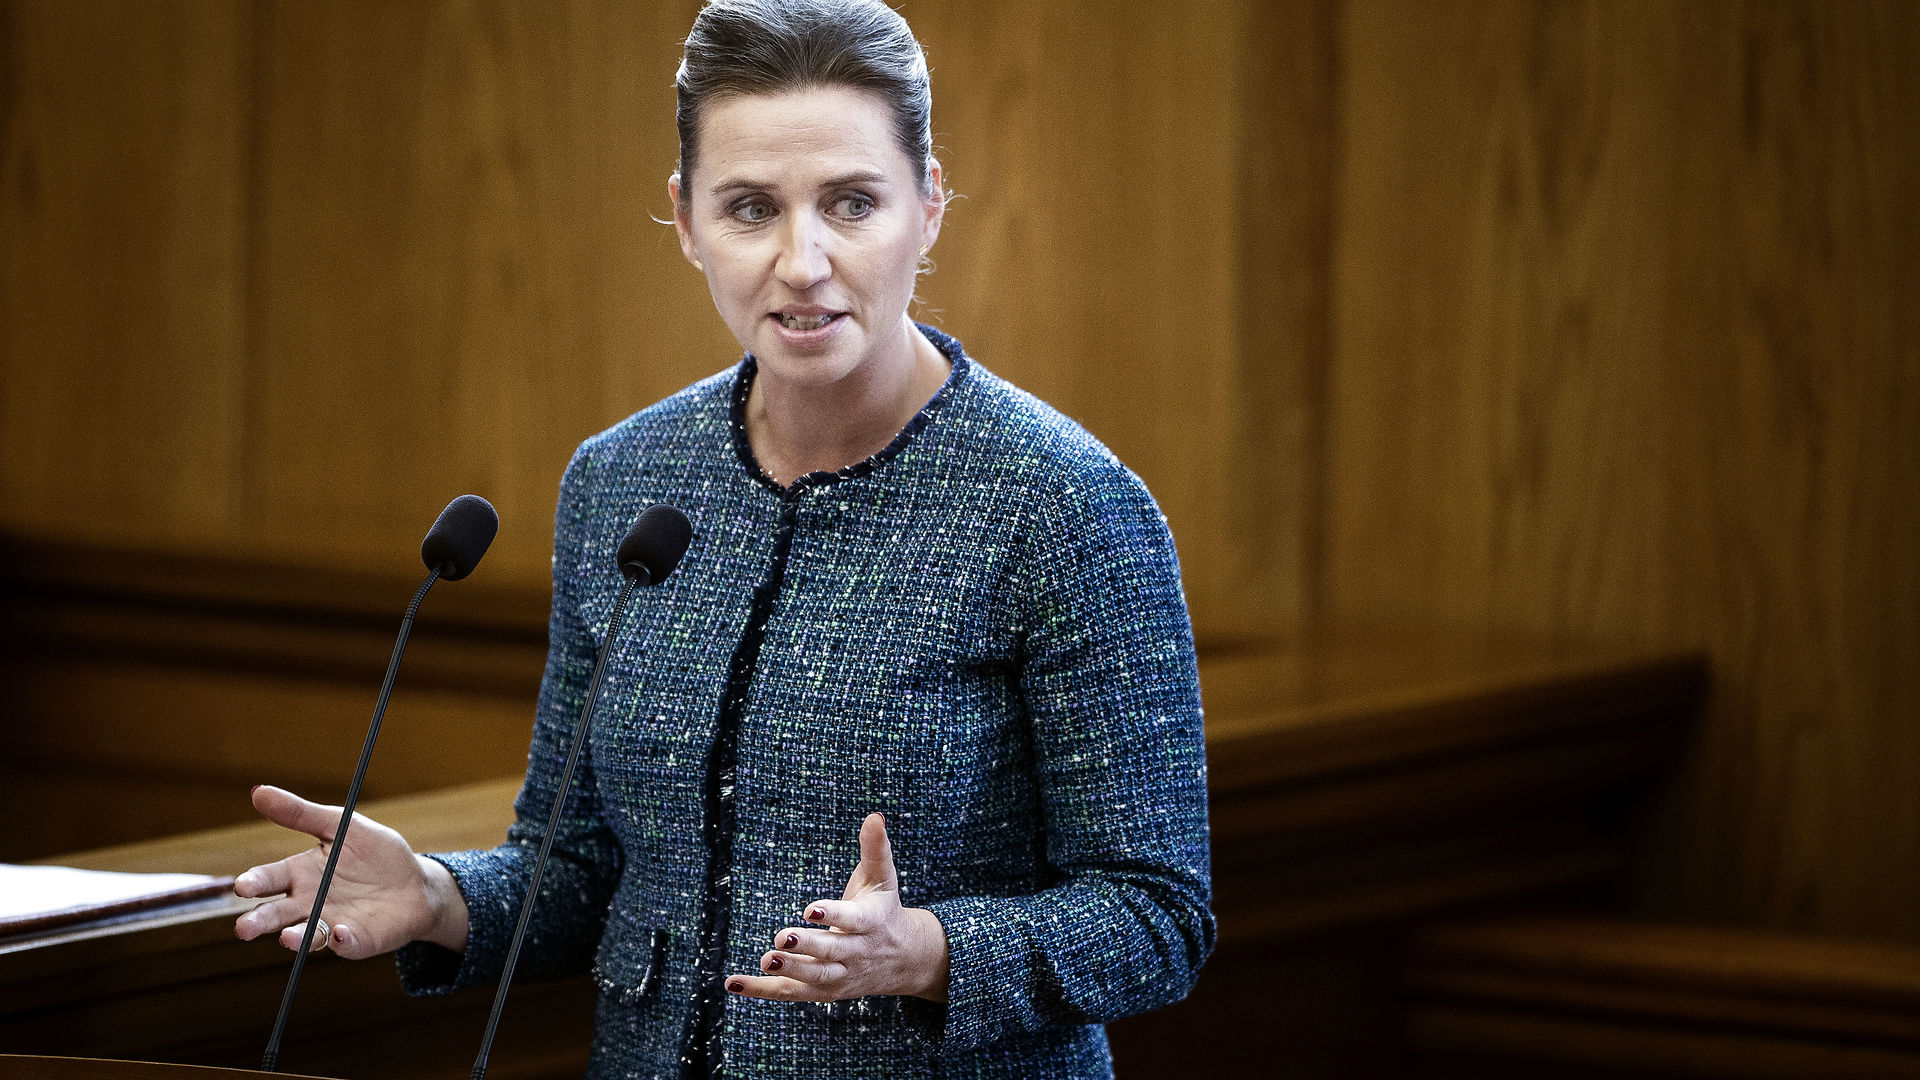 Signe Bøgevald: Den socialdemokratiske velfærdsstat vil aldrig kunne tage et opgør med det offentlige bureaukrati